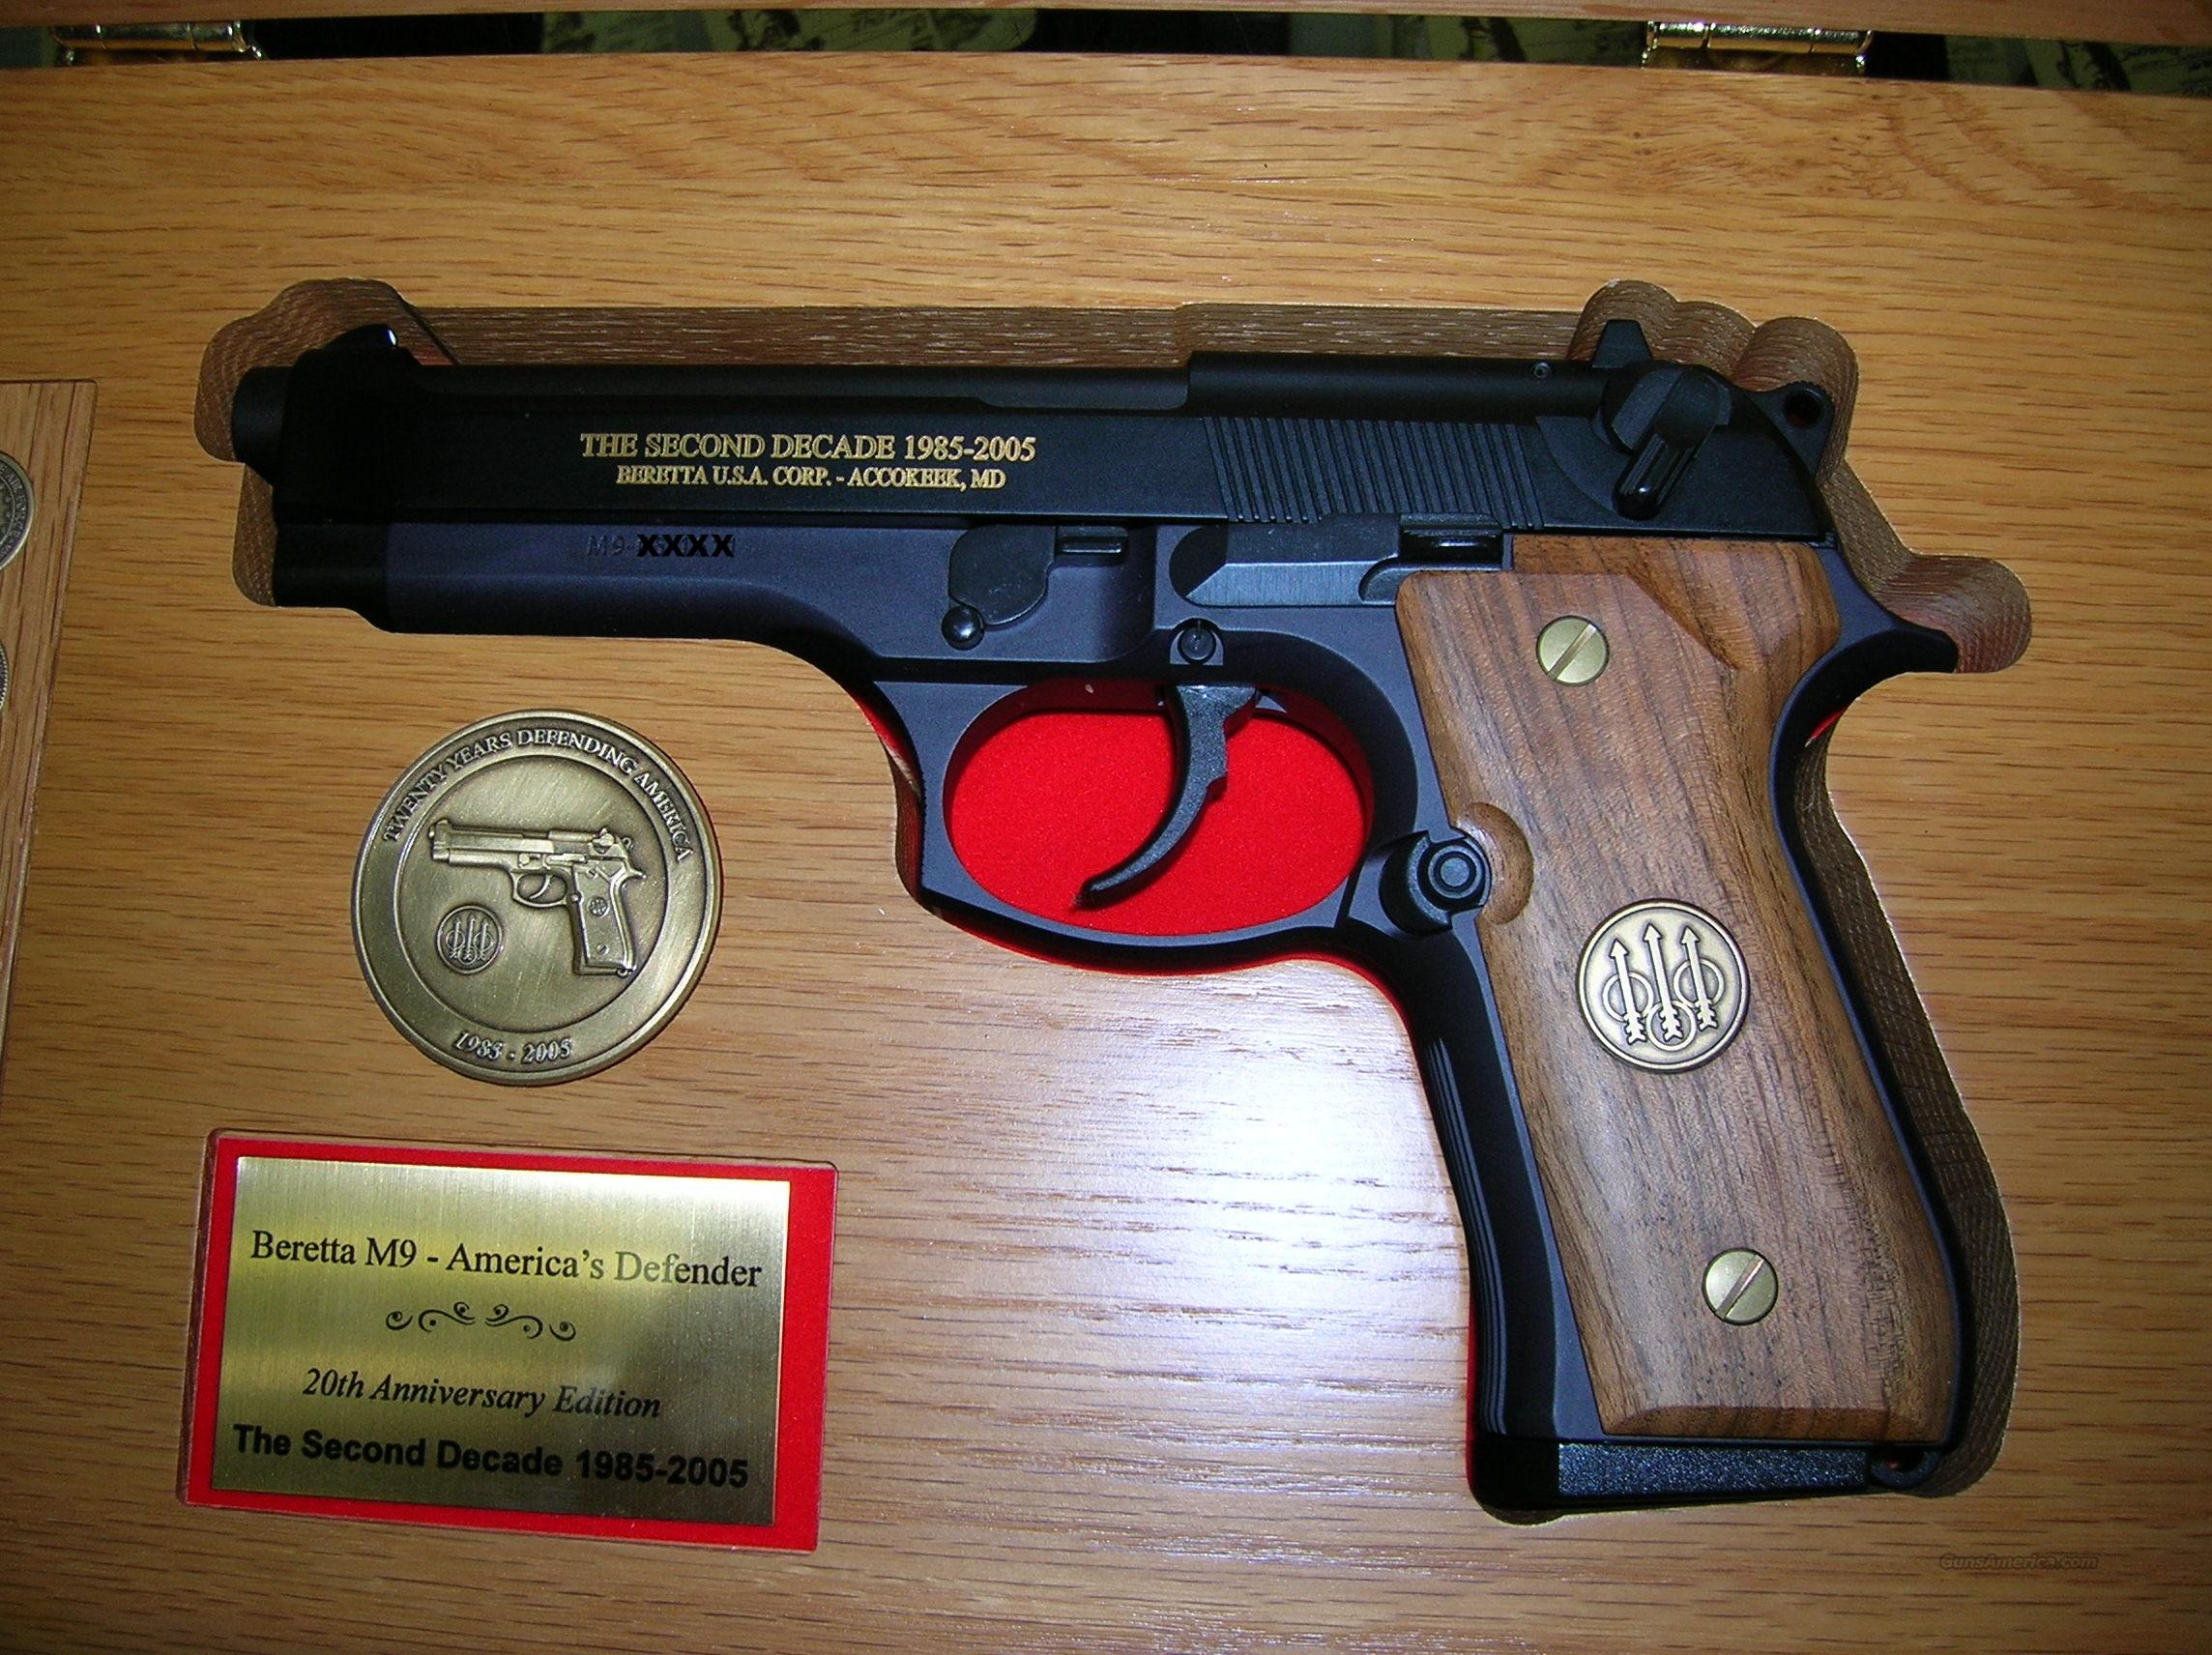 BERETTA M9 AMERICA'S DEFENDER 9MM COMMEMORATIVE... for sale